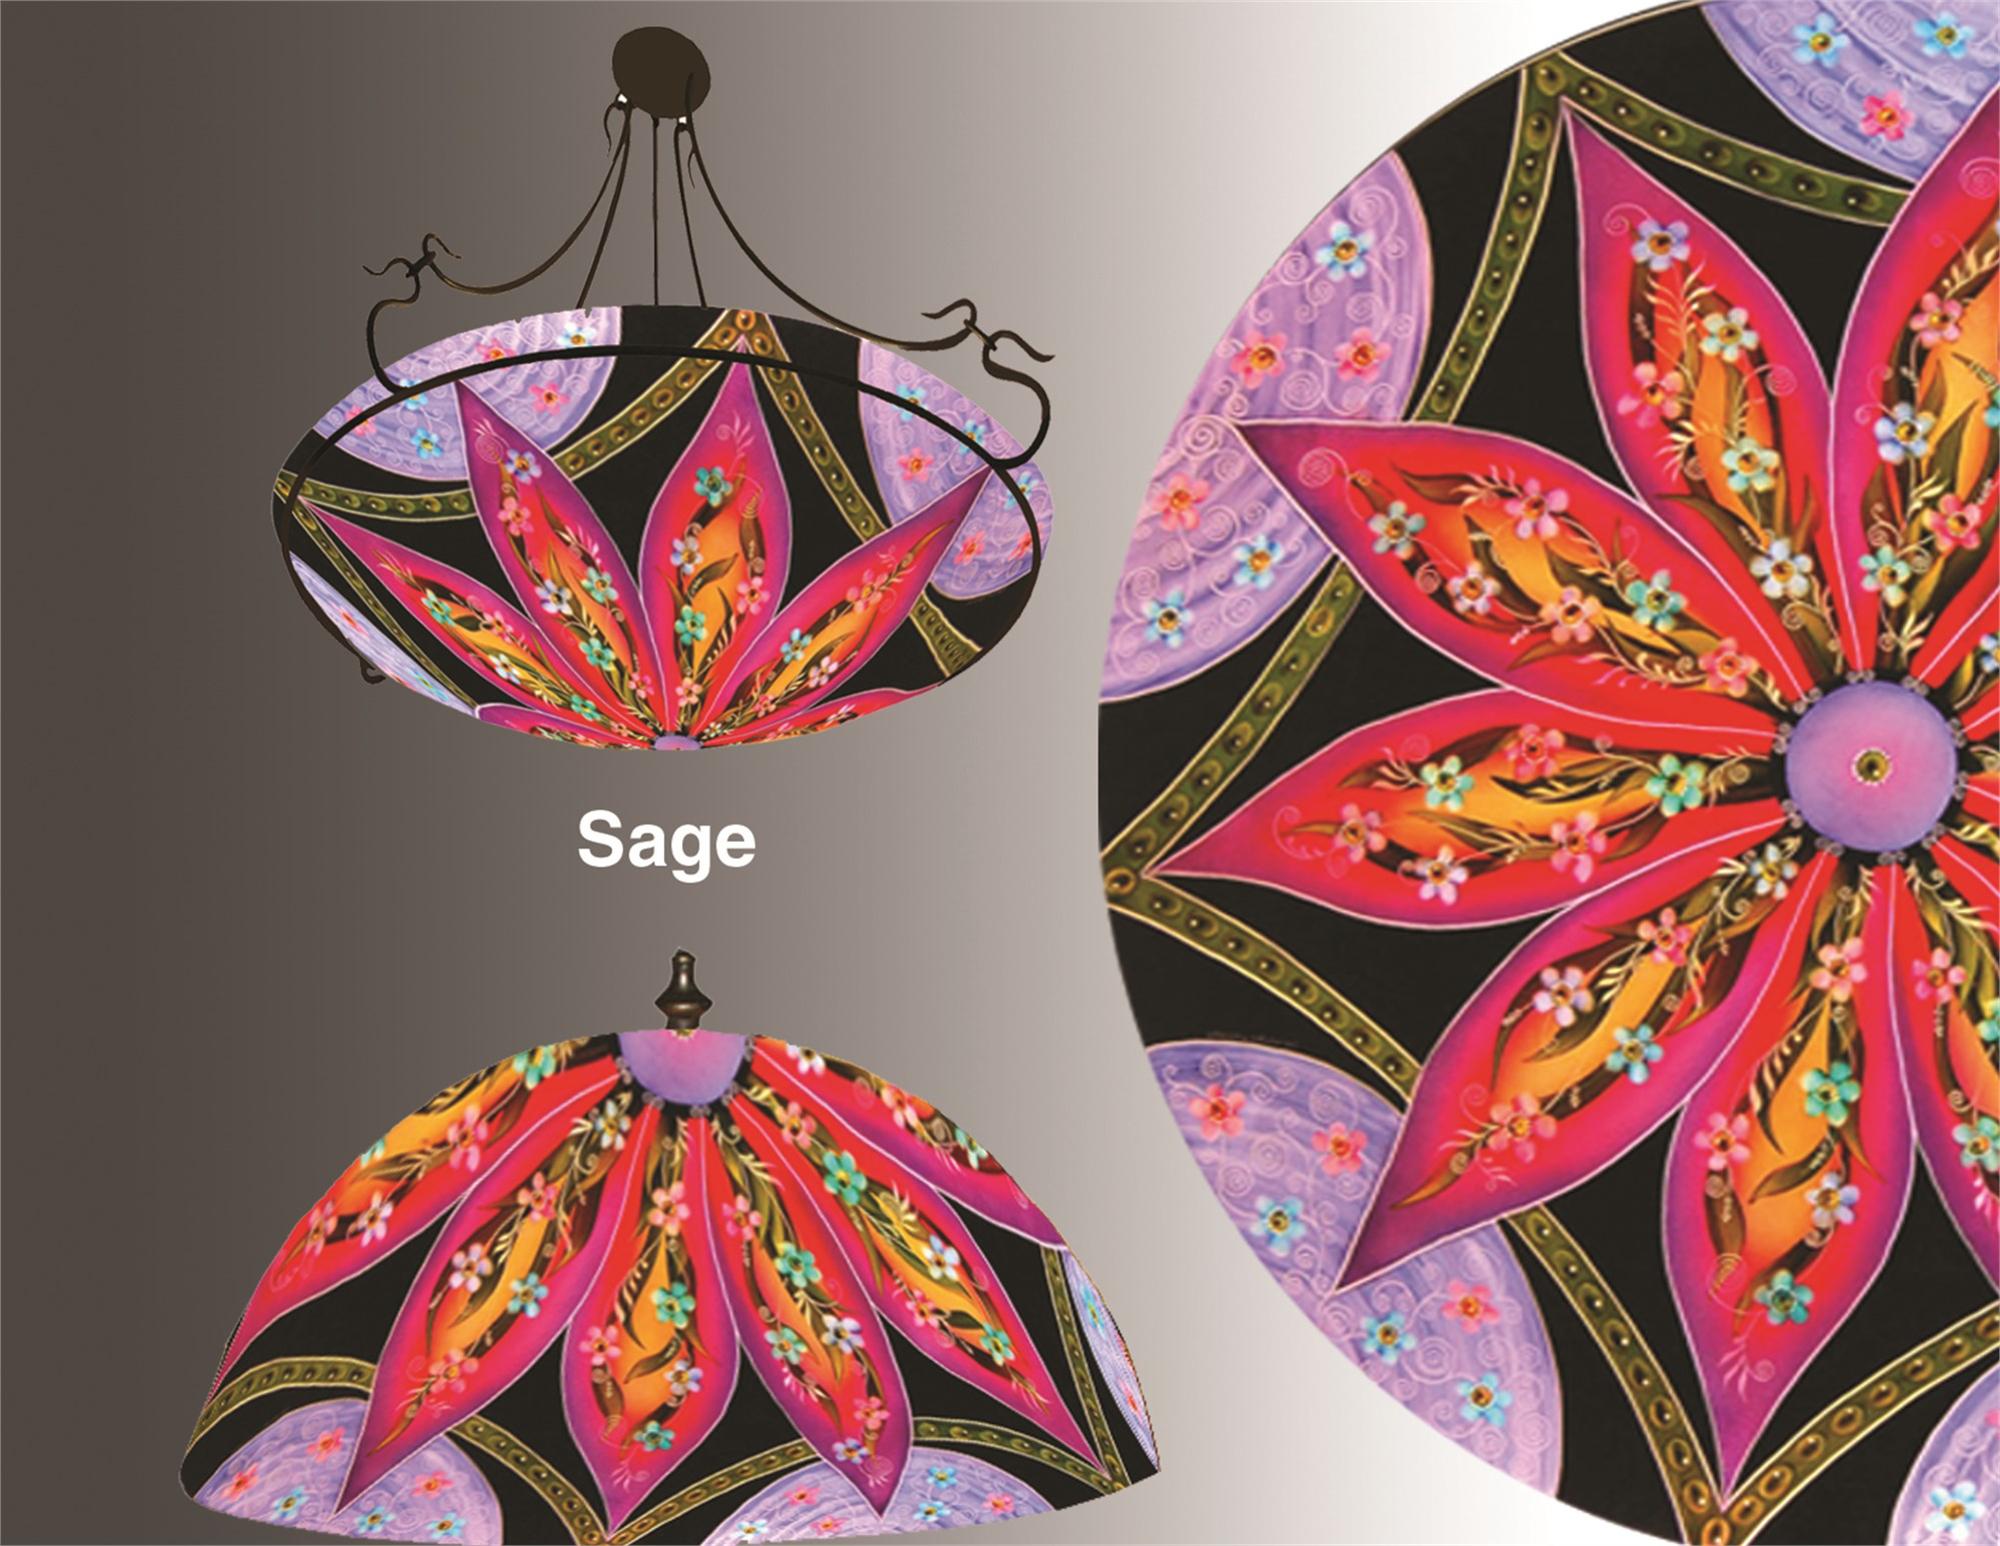 Design Sage by Jamie Barthel